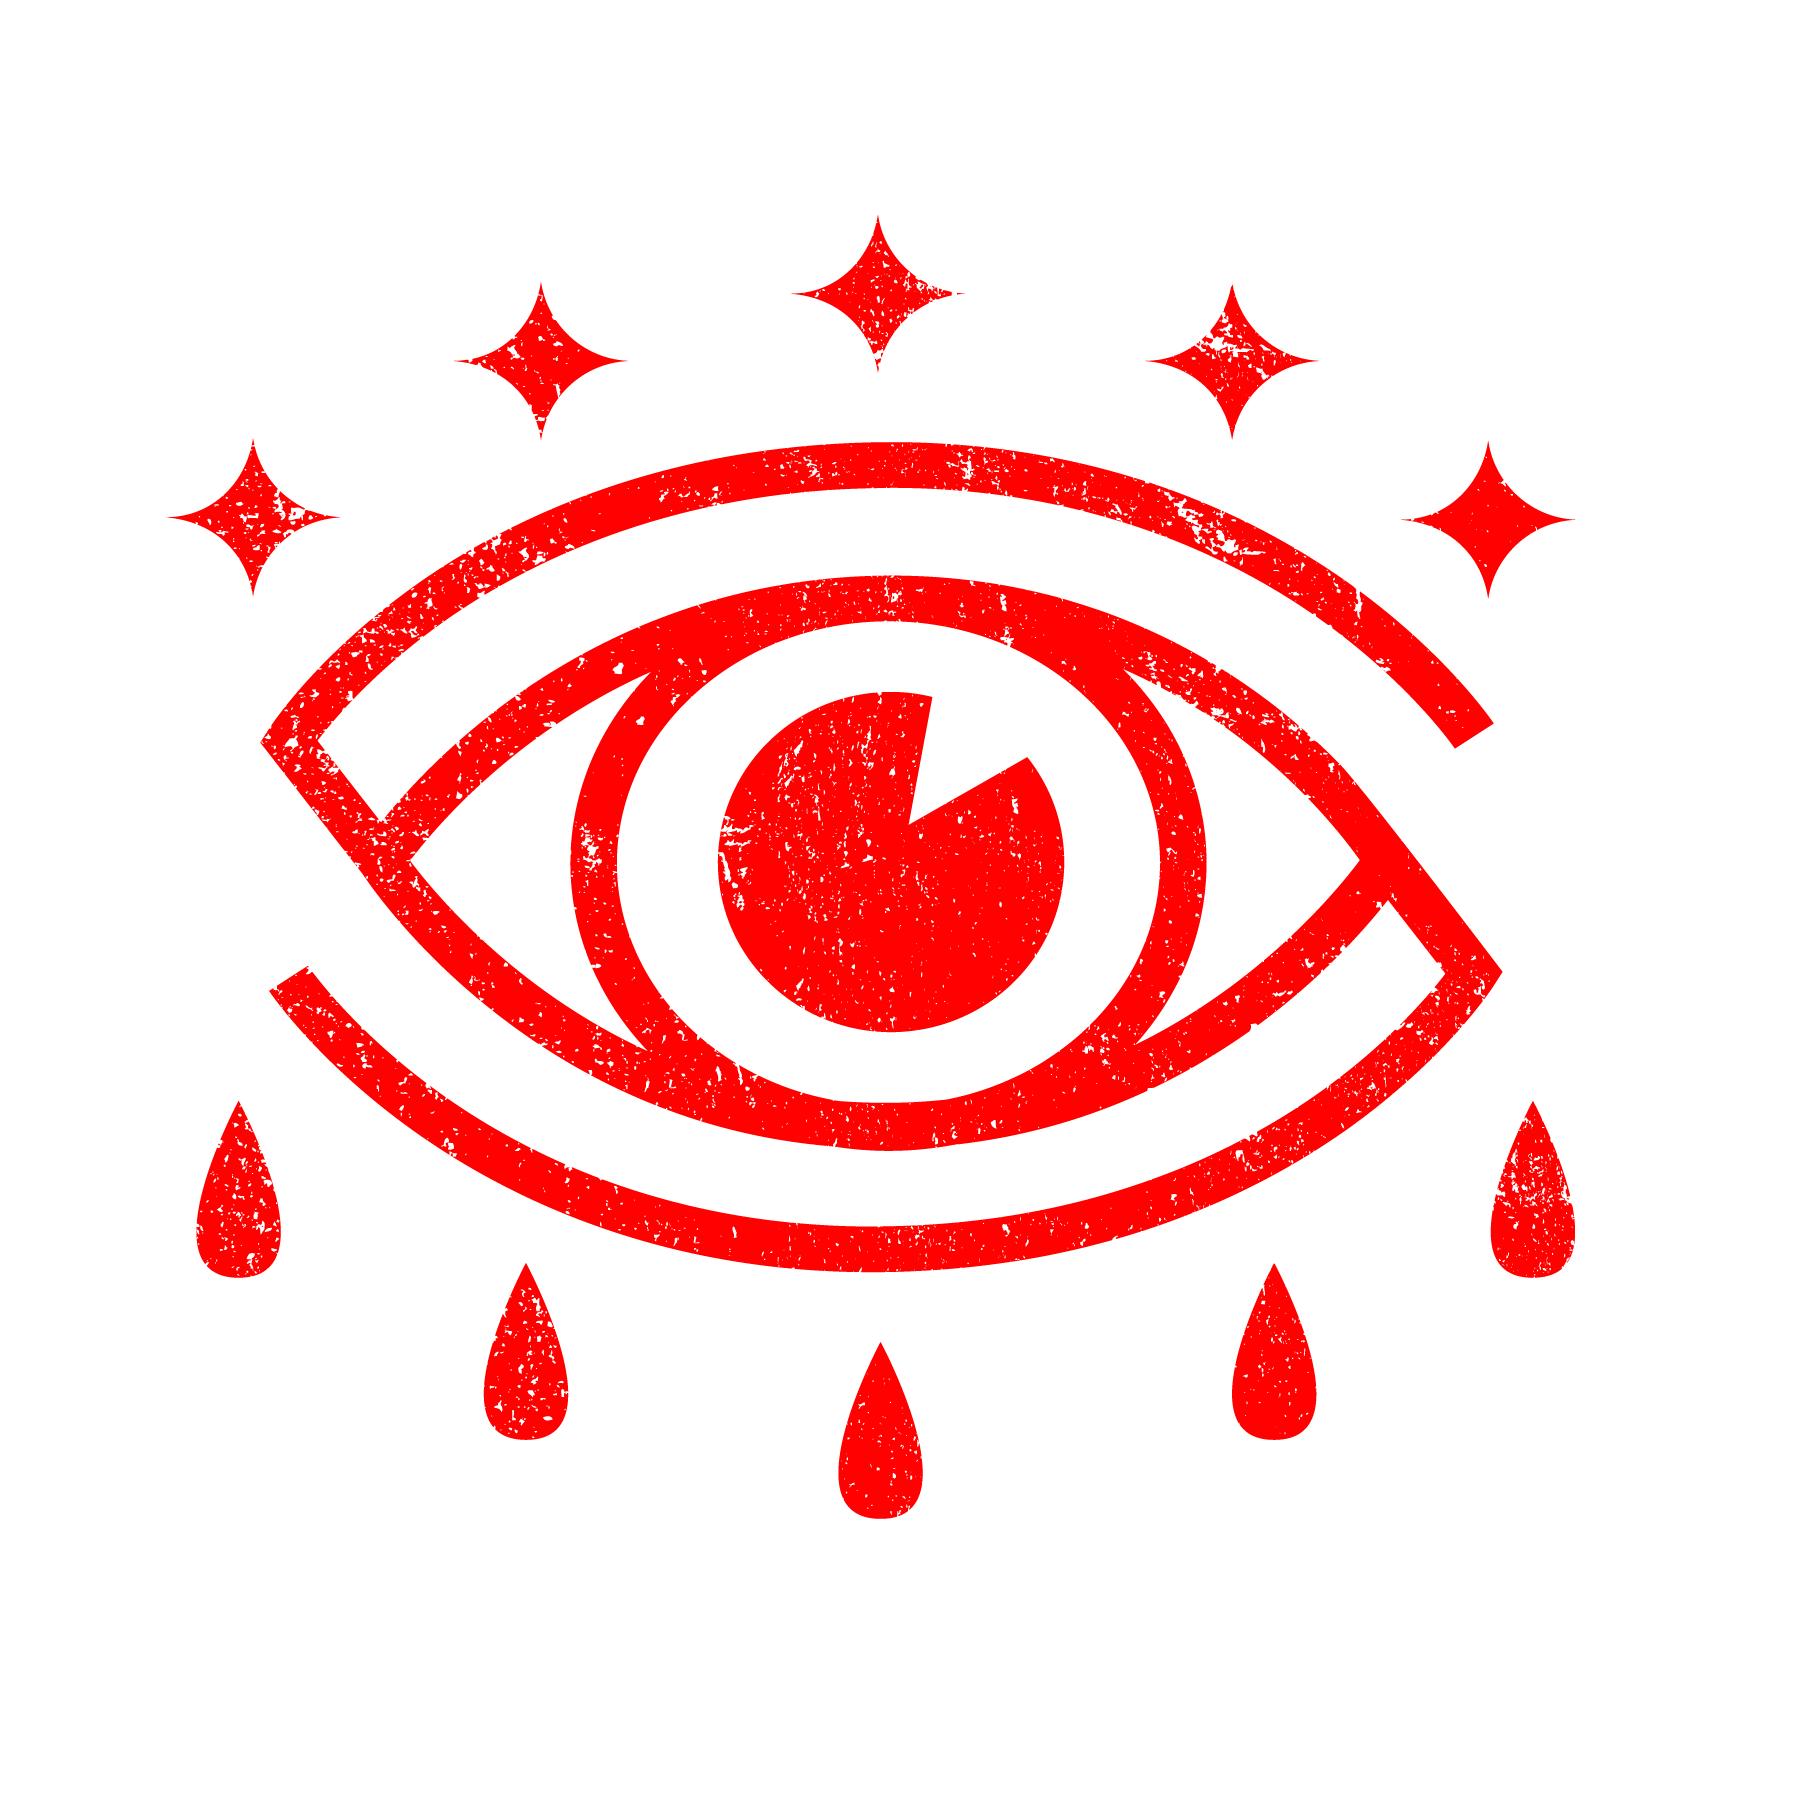 RED EYE 1 - RED.jpg